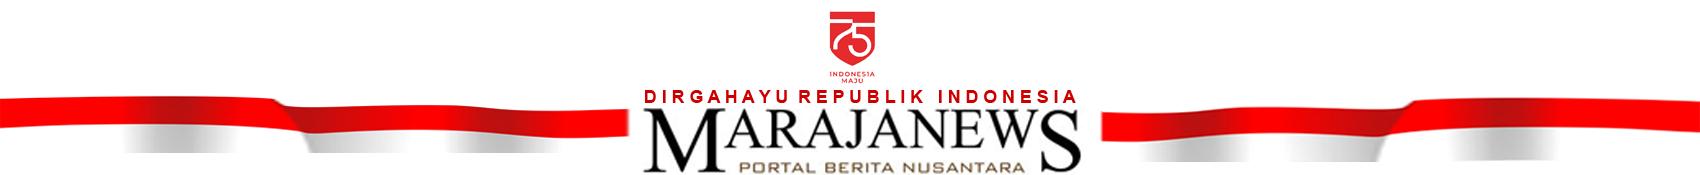 marajanews.com